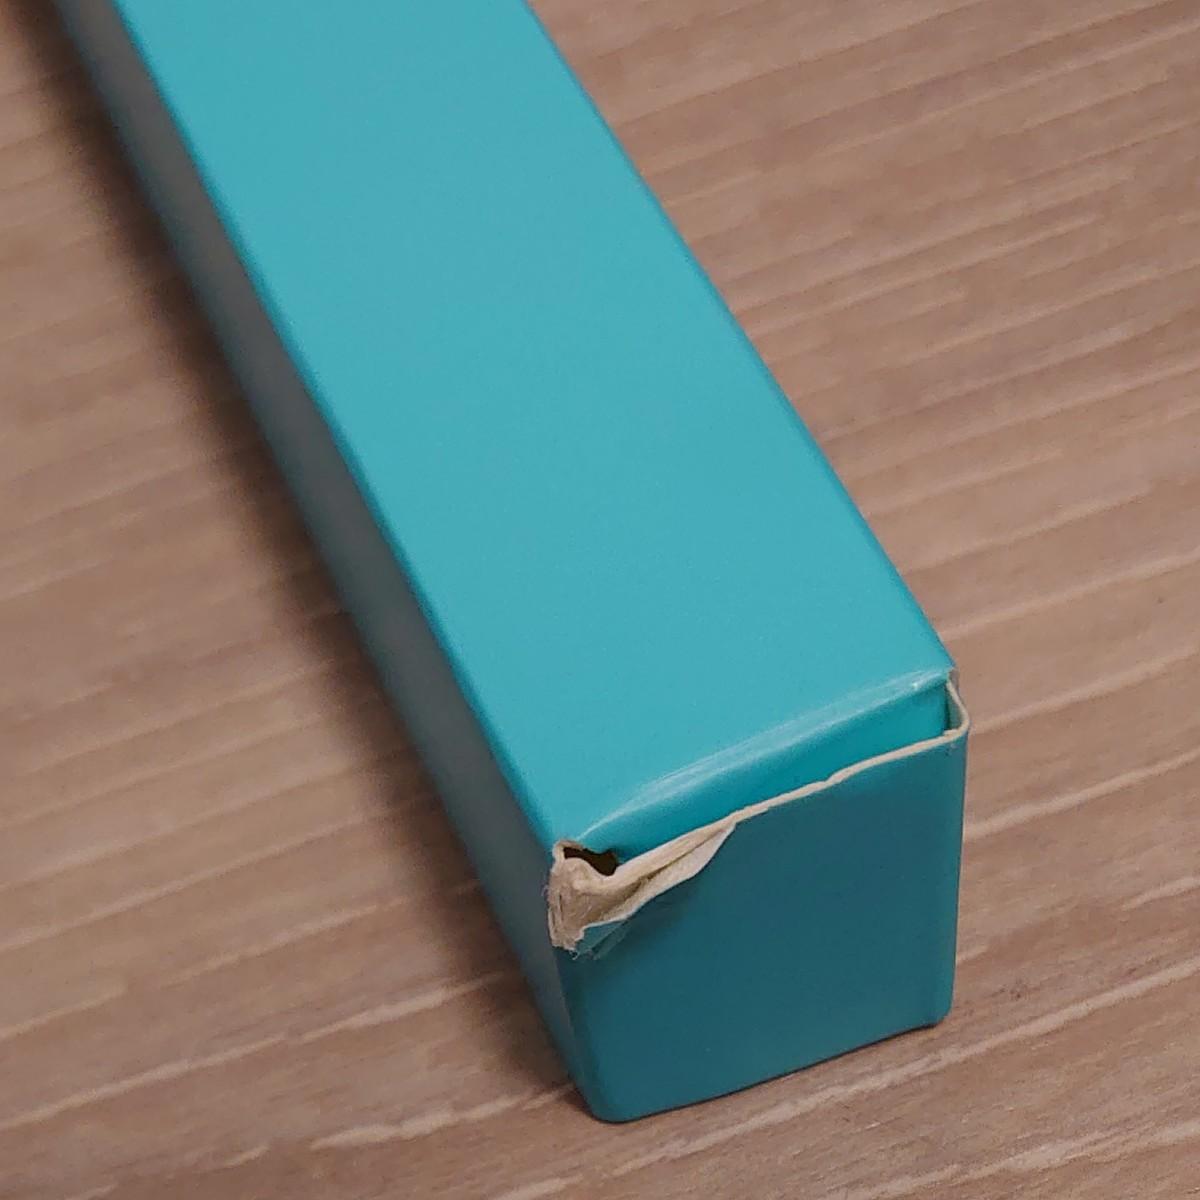 送料込み 匿名配送 毛穴吸引器・ USB充電式 毛穴クリーン 4種類の吸収カップ 3階段吸引力調整 黒ずみ吸出し 美顔器